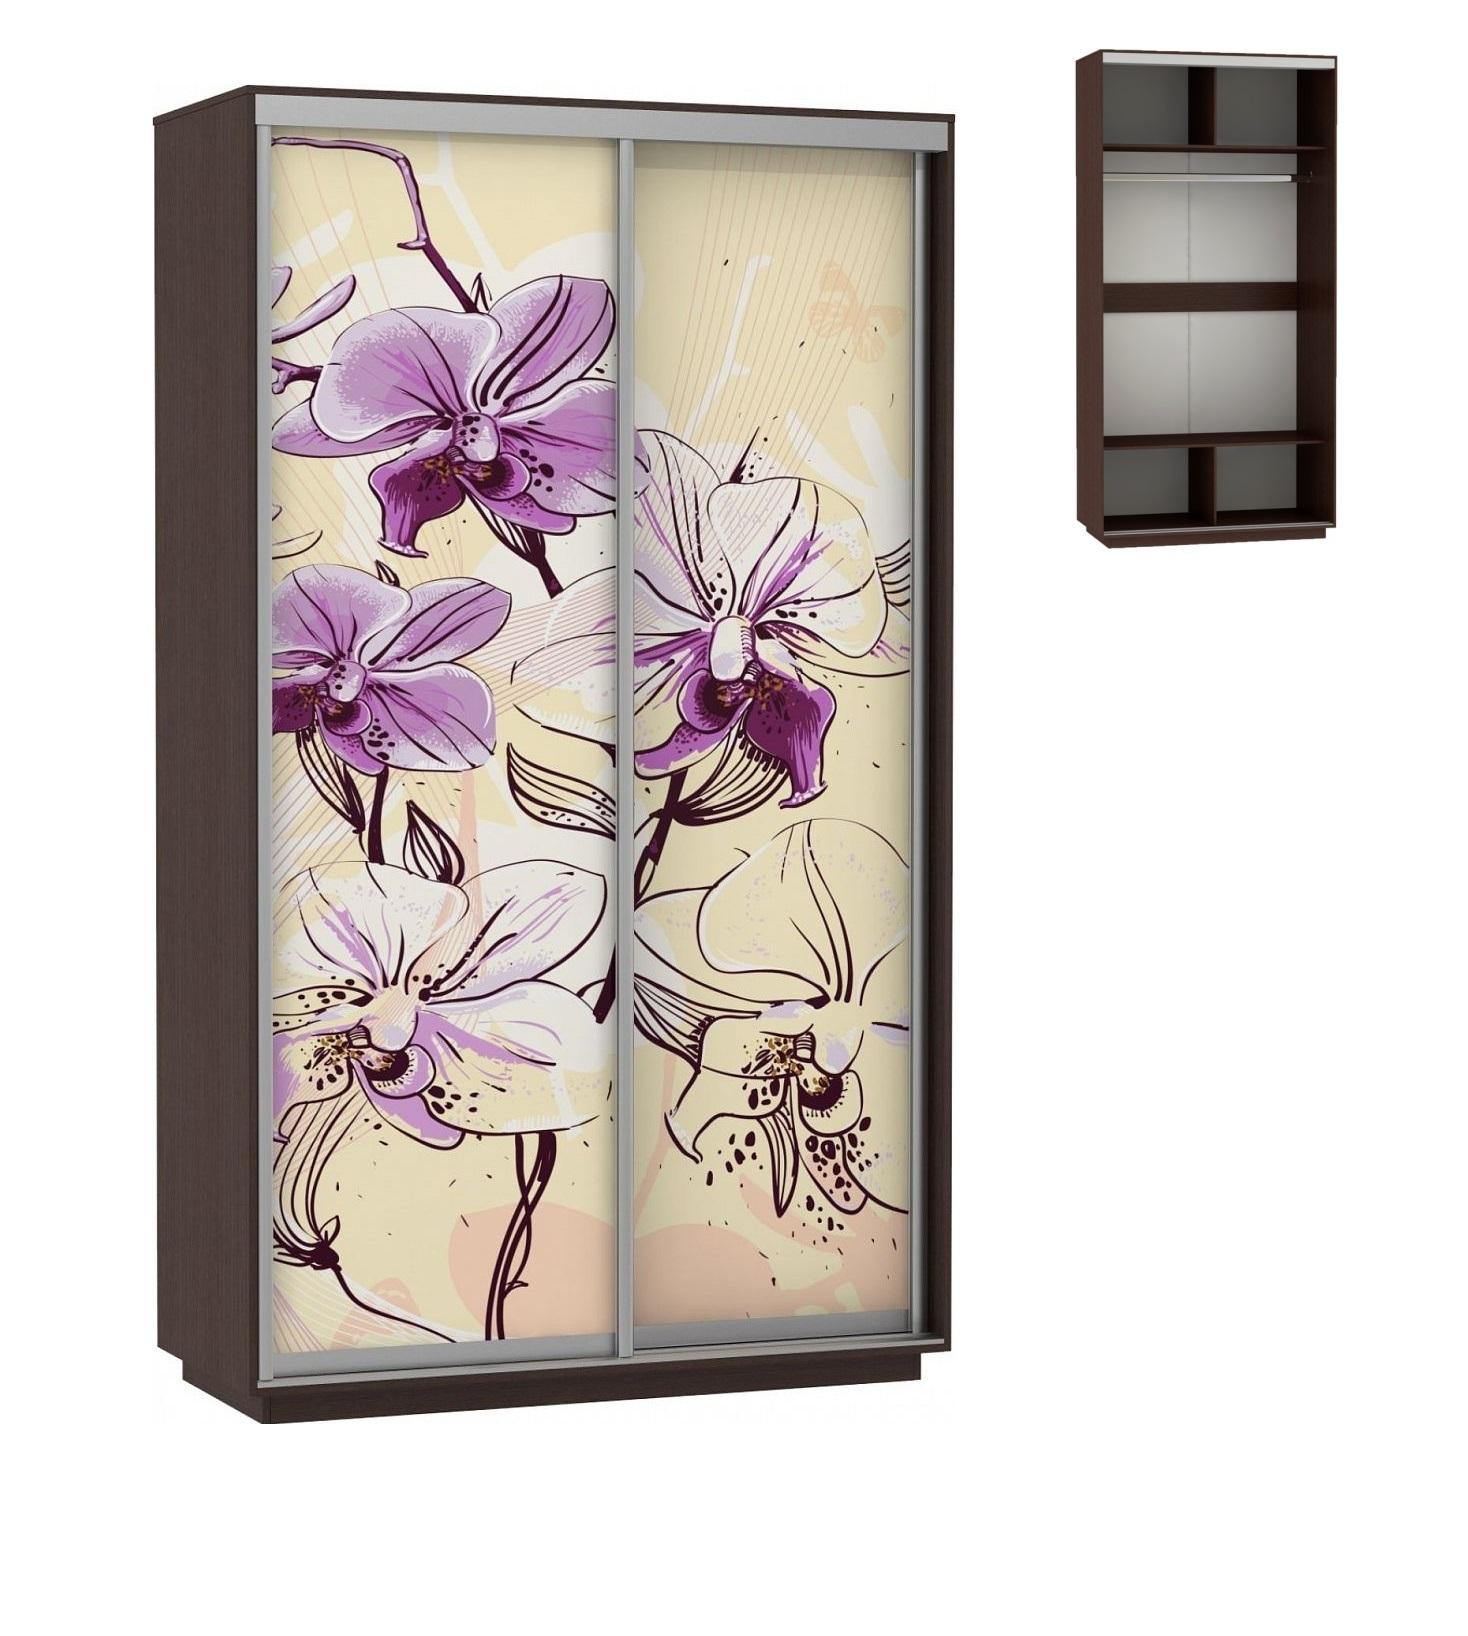 шкаф купе двухстворчатый хит фотопечать цветы E1 венге в раменском